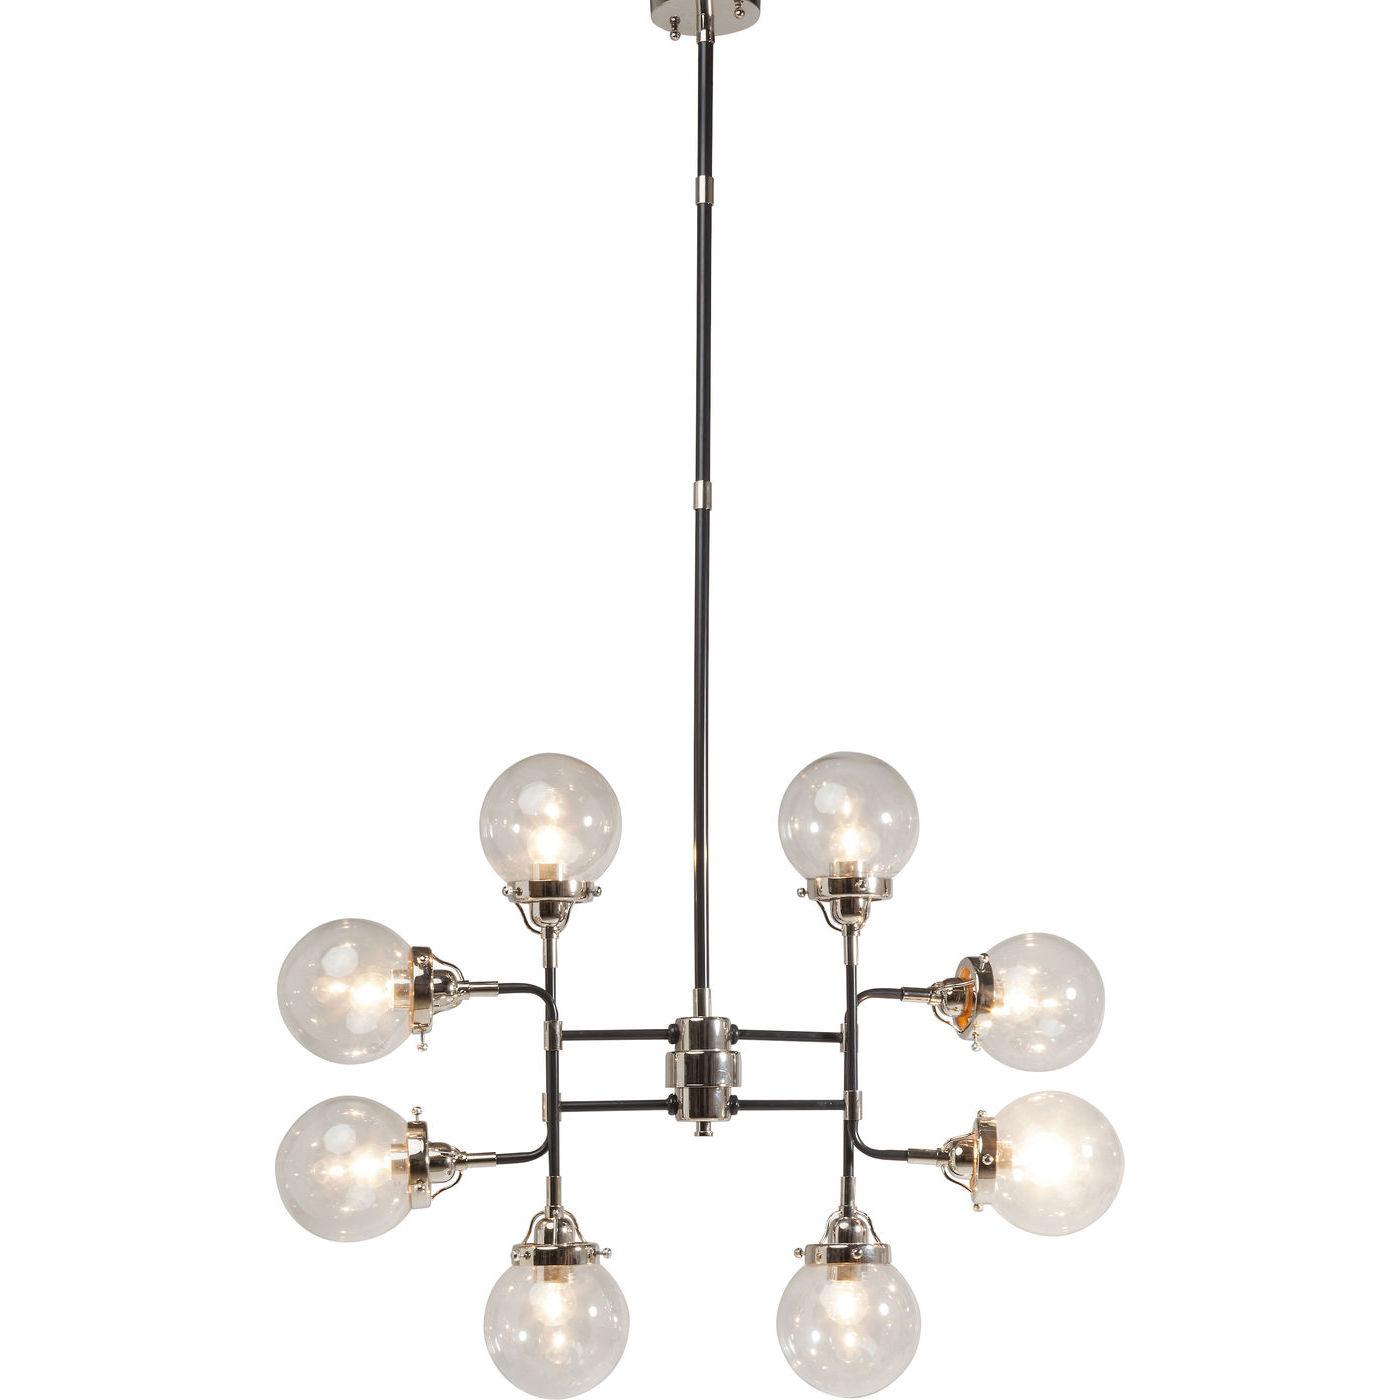 Billede af Kare Design Loftslampe, Pipe Visible Eight